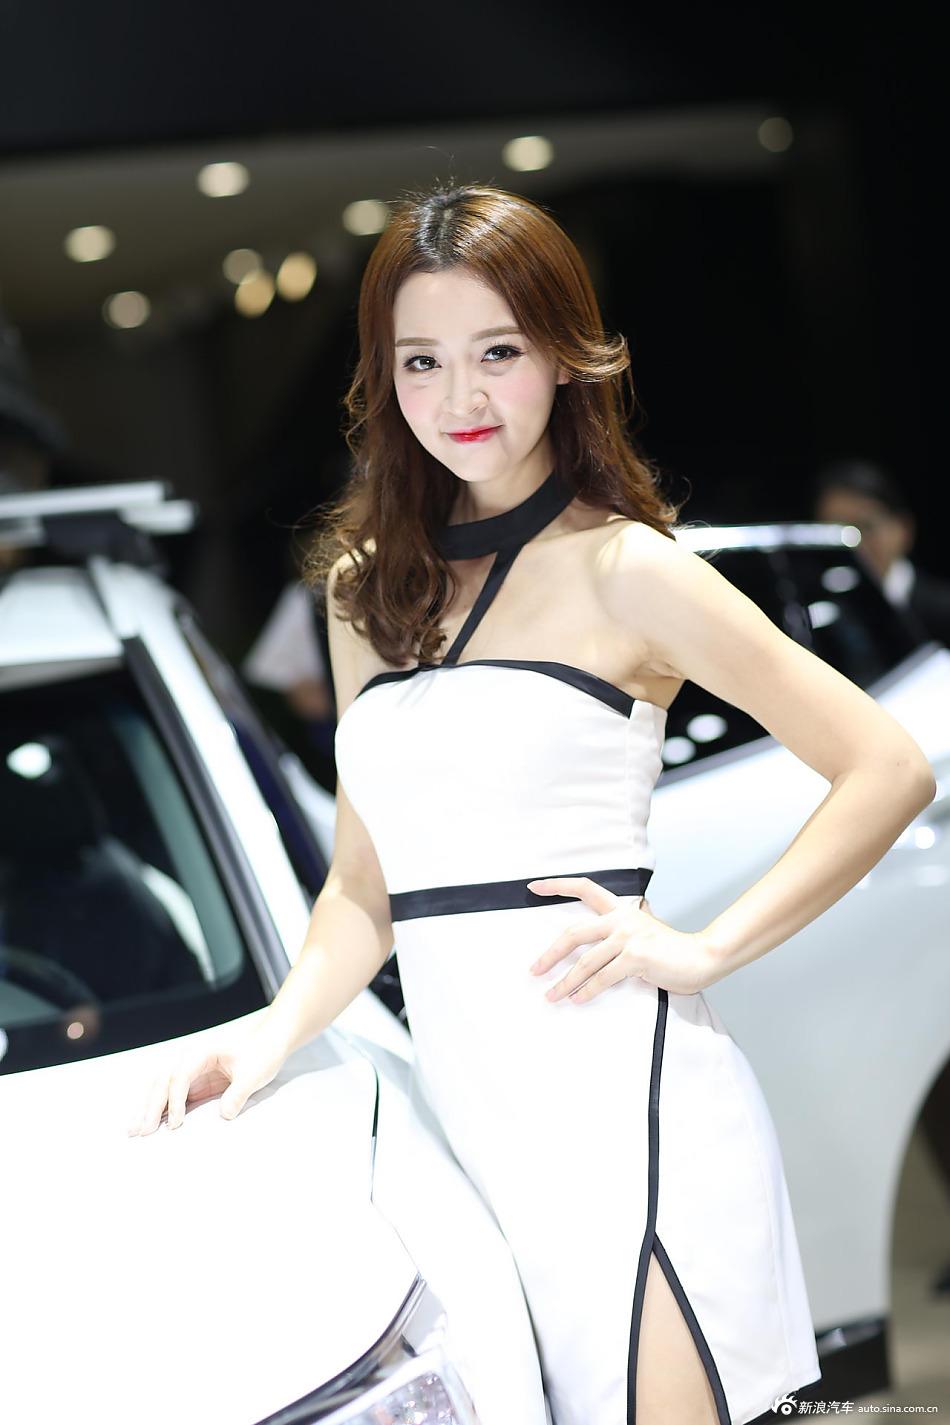 相貌甜美 身材凹凸有致的美女车模